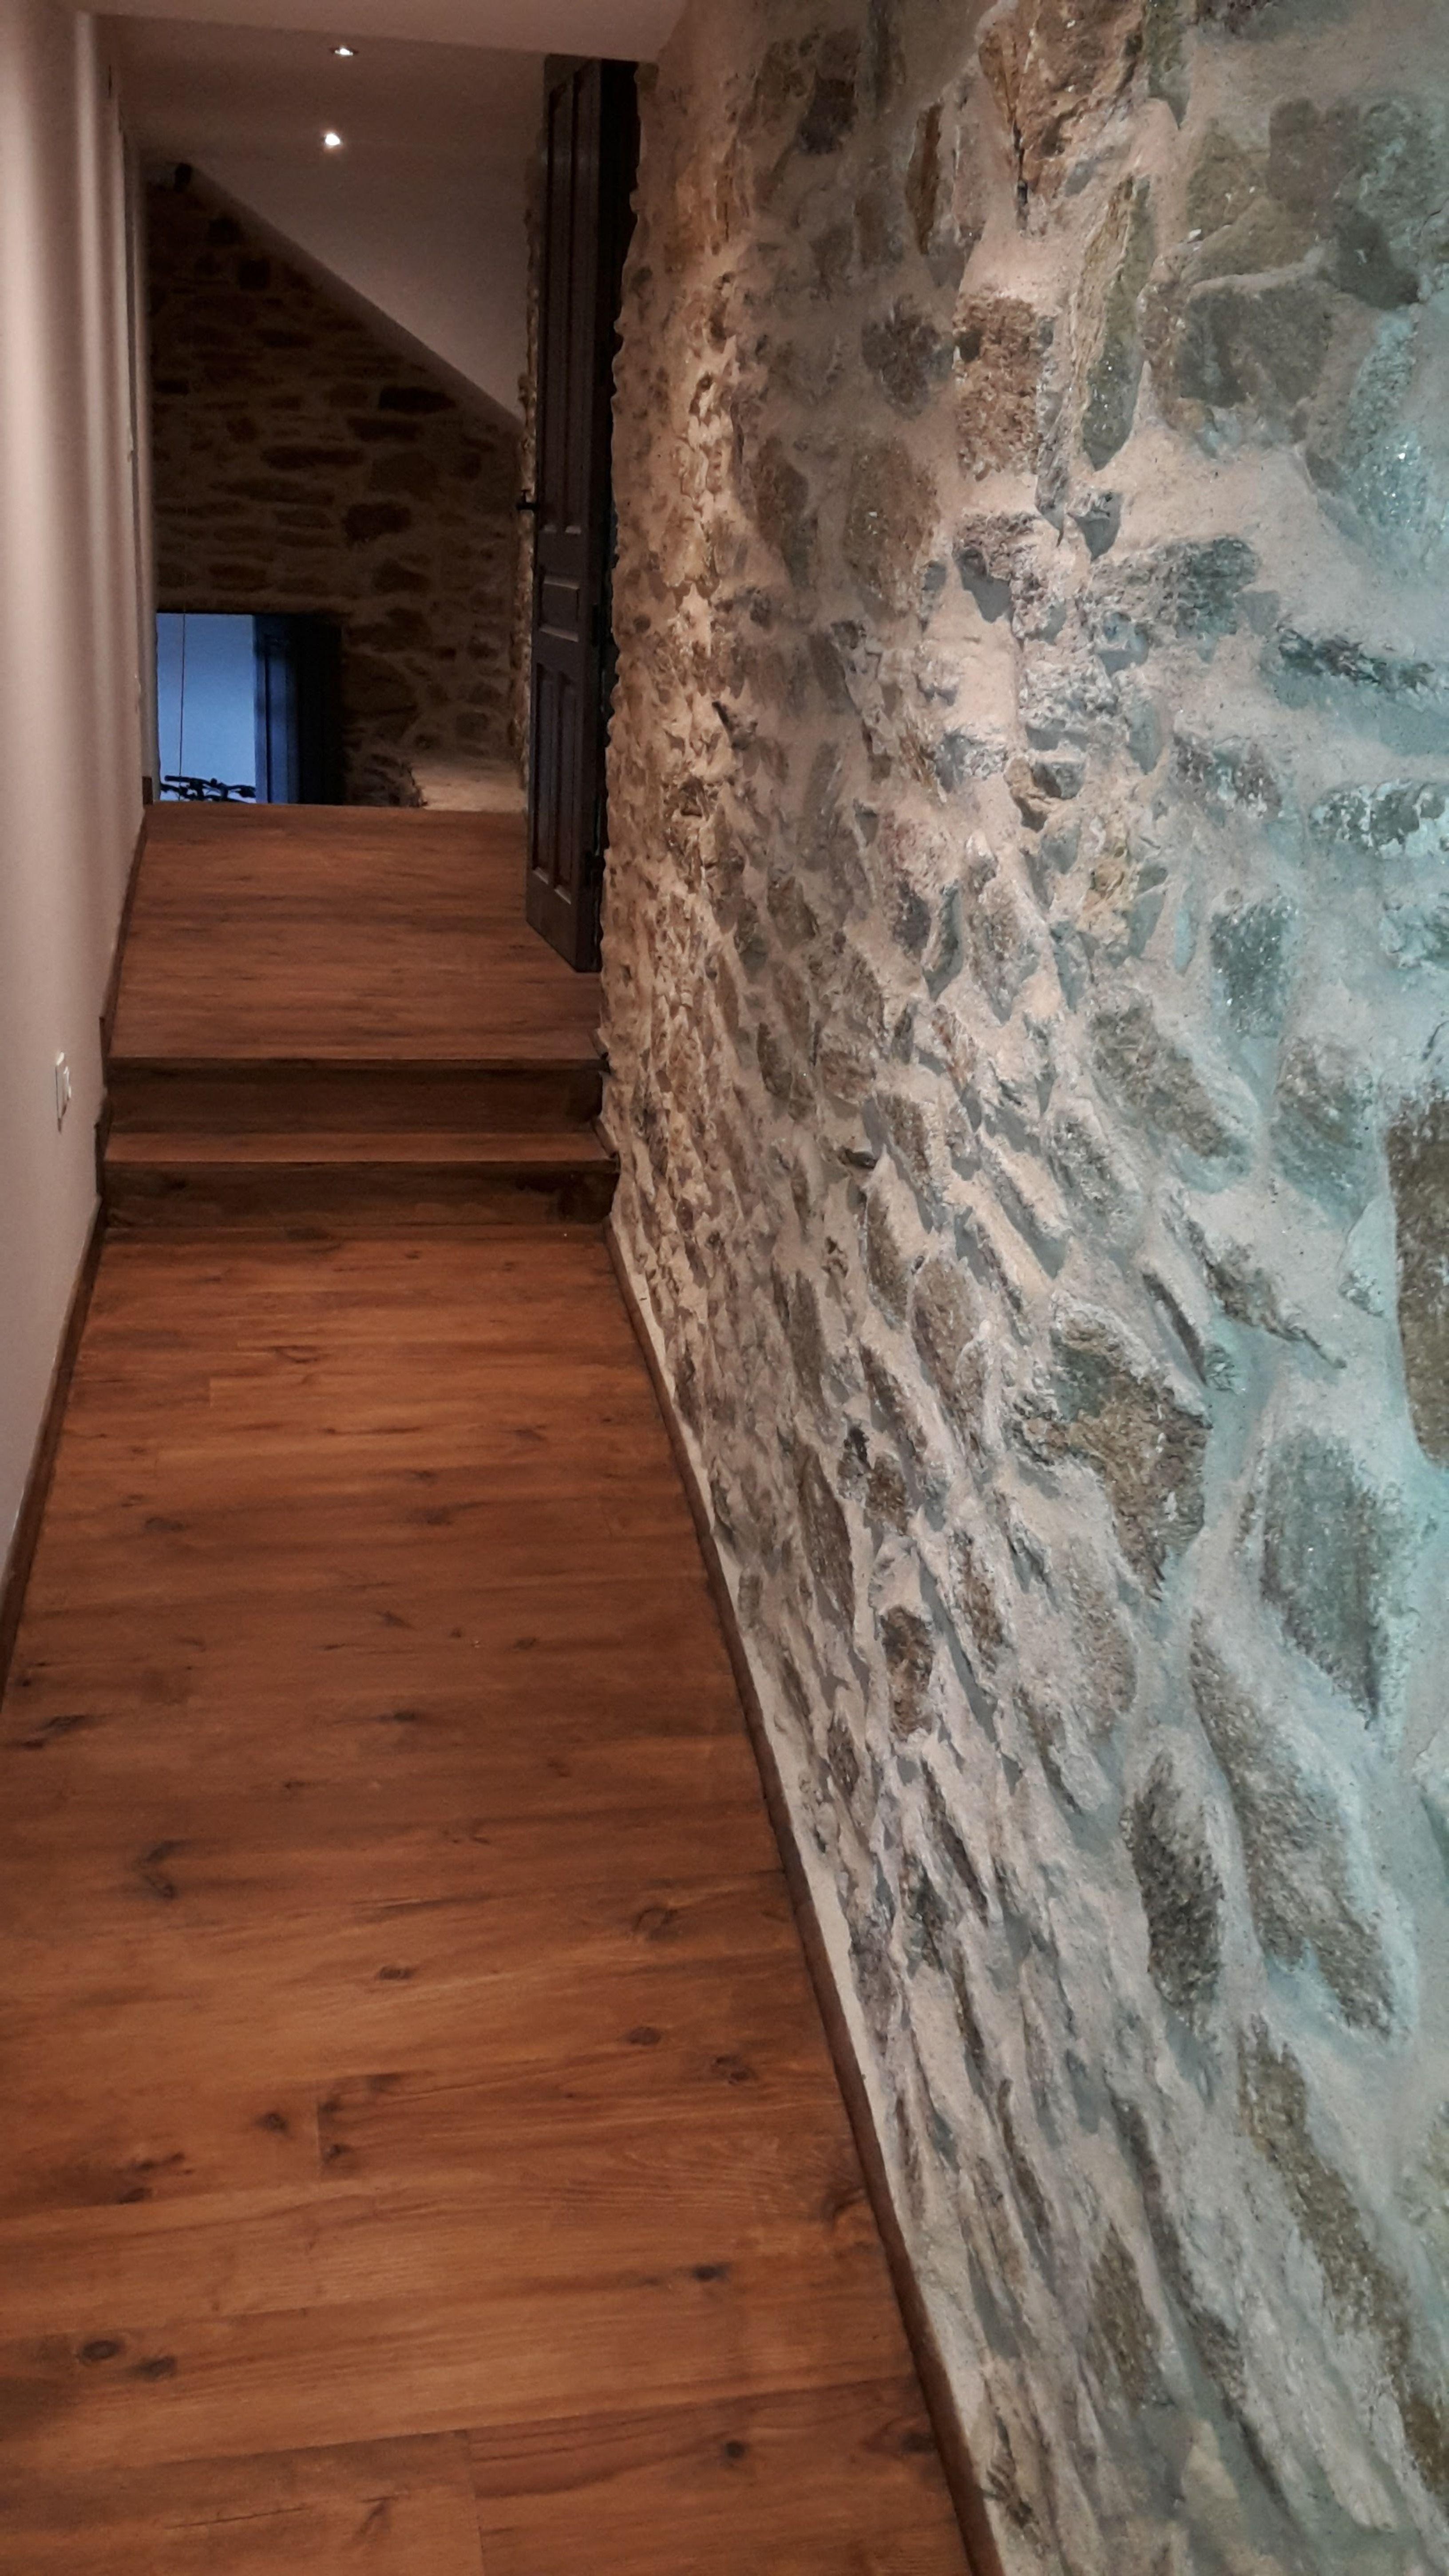 Mur Pierre Apparente Intérieur Épinglé par julie praud sur déco | mur en pierre, parquet